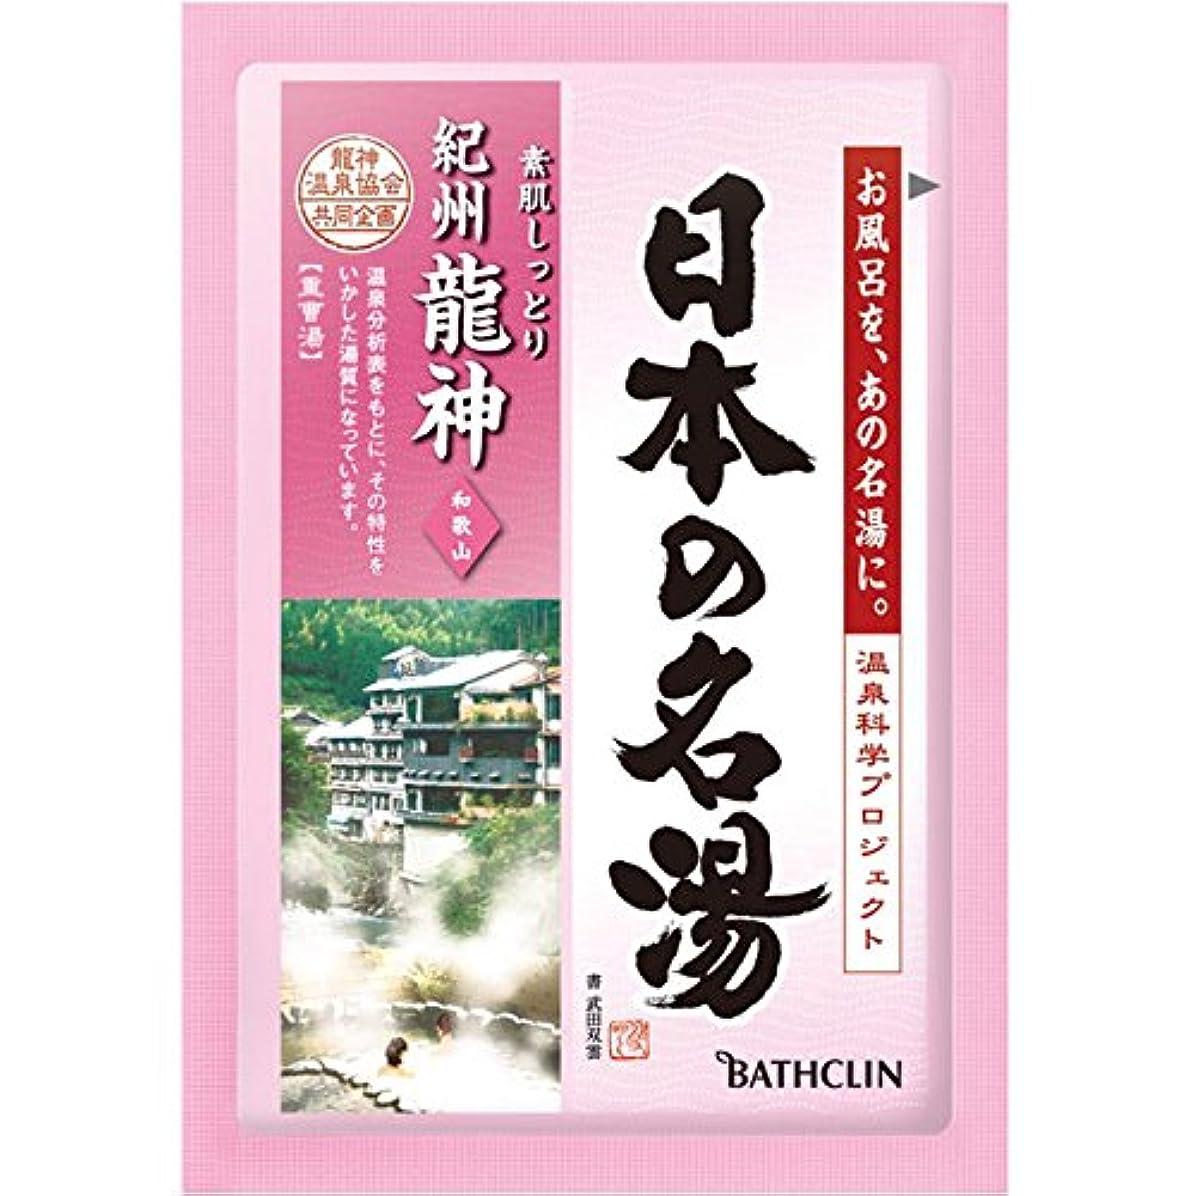 人生を作るワーカーコックバスクリン 日本の名湯 紀州龍神 30g